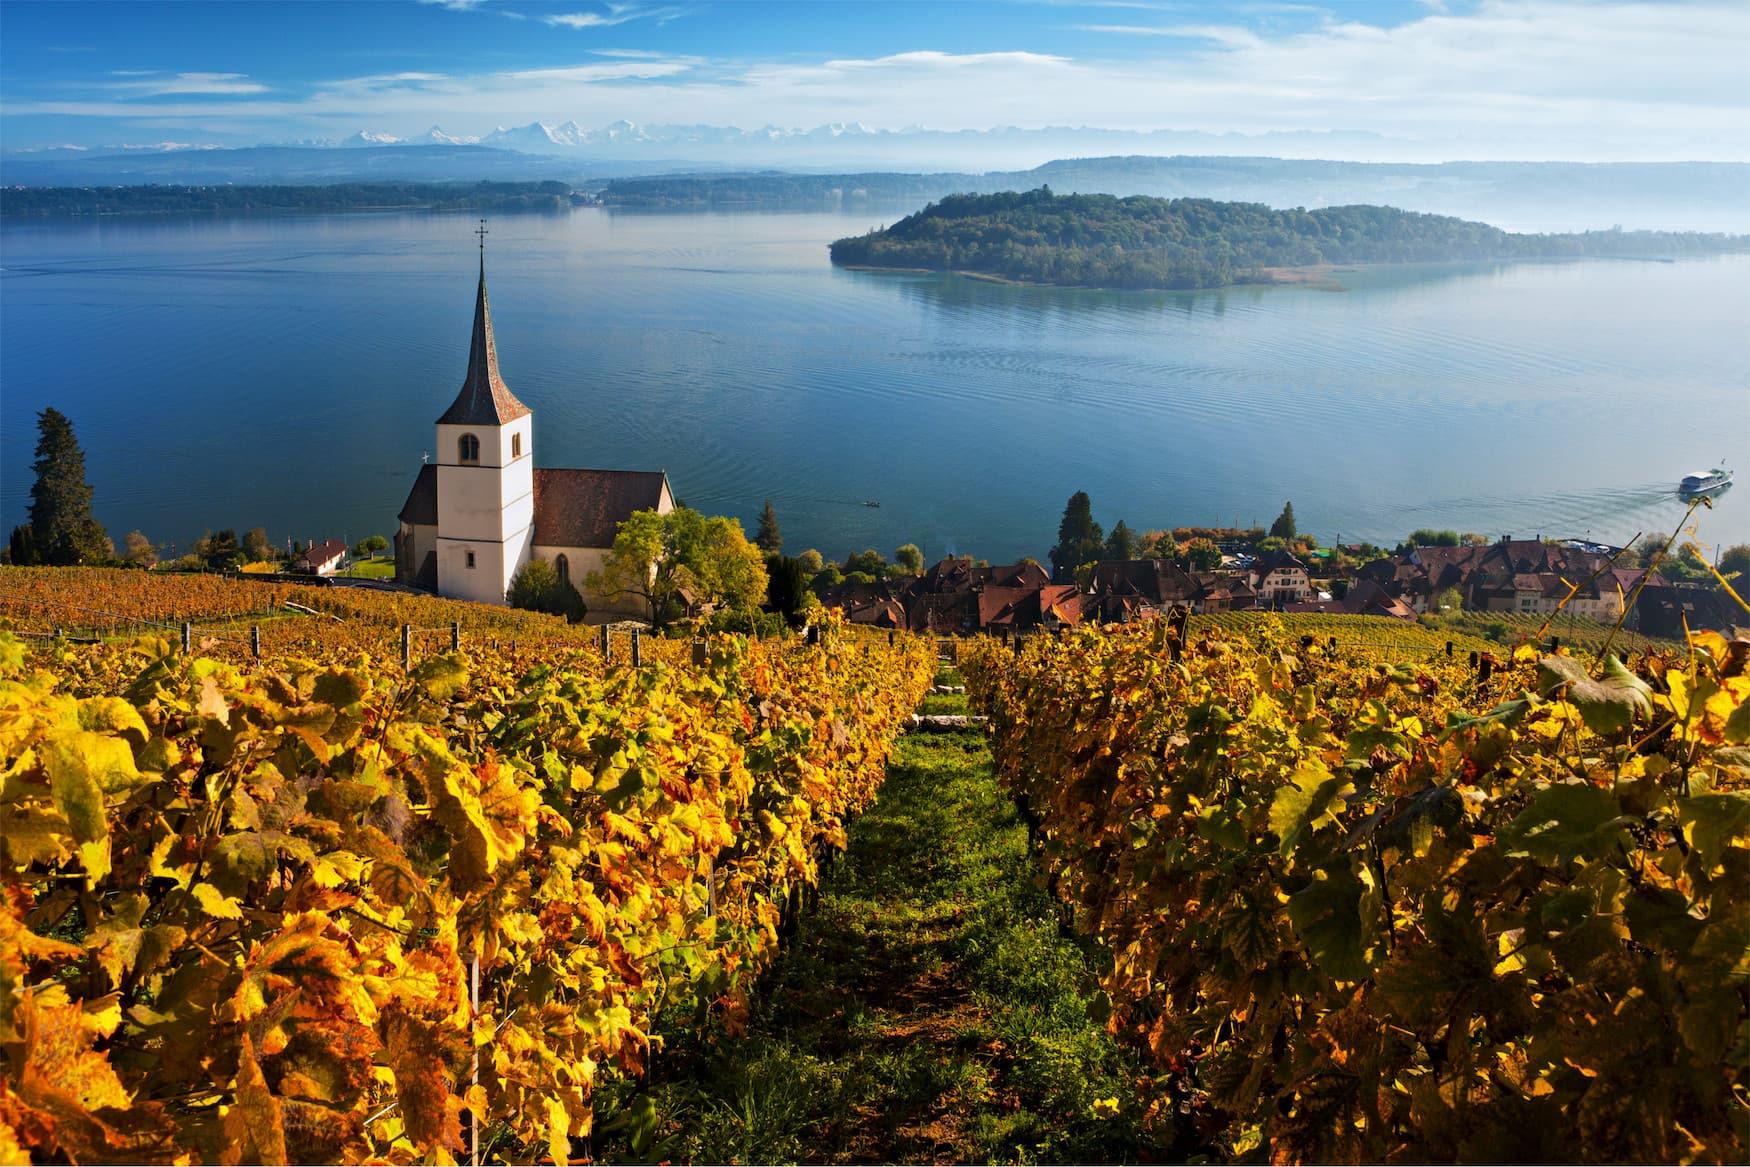 Ligerz im Kanton Bern, ein Weinbauerndorf am Bielersee in der Region Jura und Drei-Seen-Land. Blick über Kirche, Dorf und See auf die St. Petersinsel und die Berner Alpen.